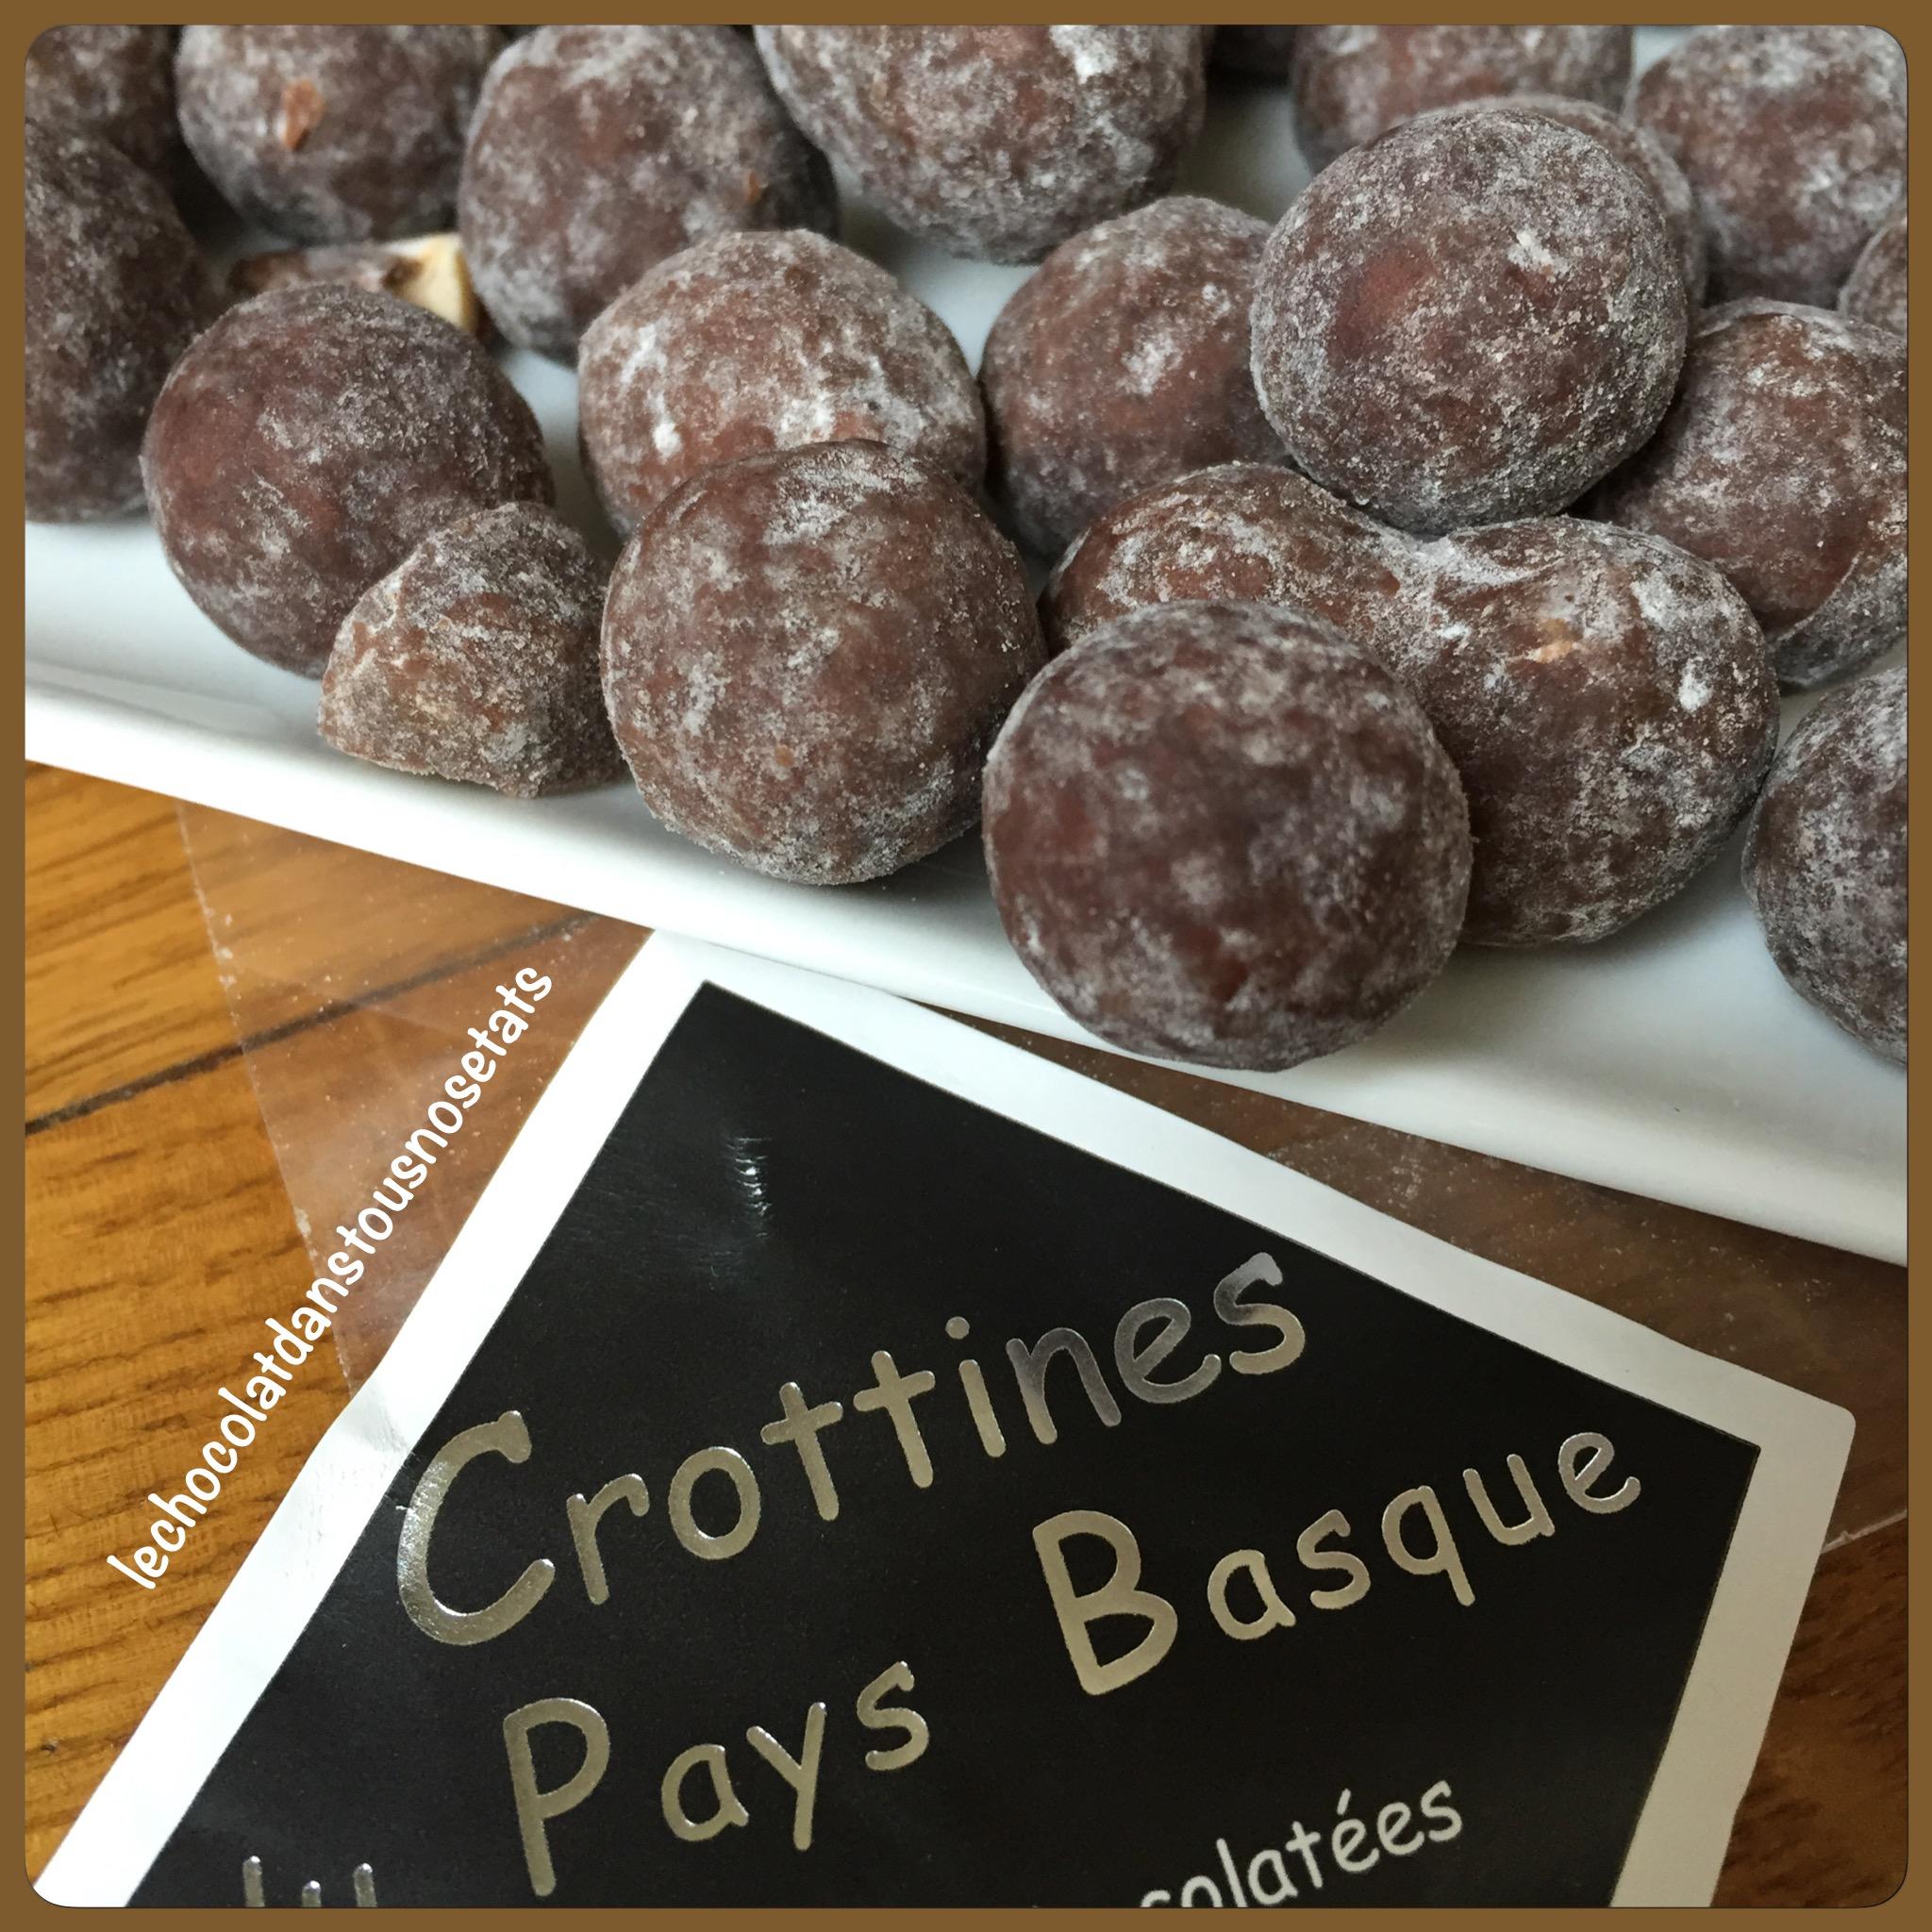 Les crottines du Pays Basque, Le Comptoir du Praliné, Saint-Etienne-de-Baigorry